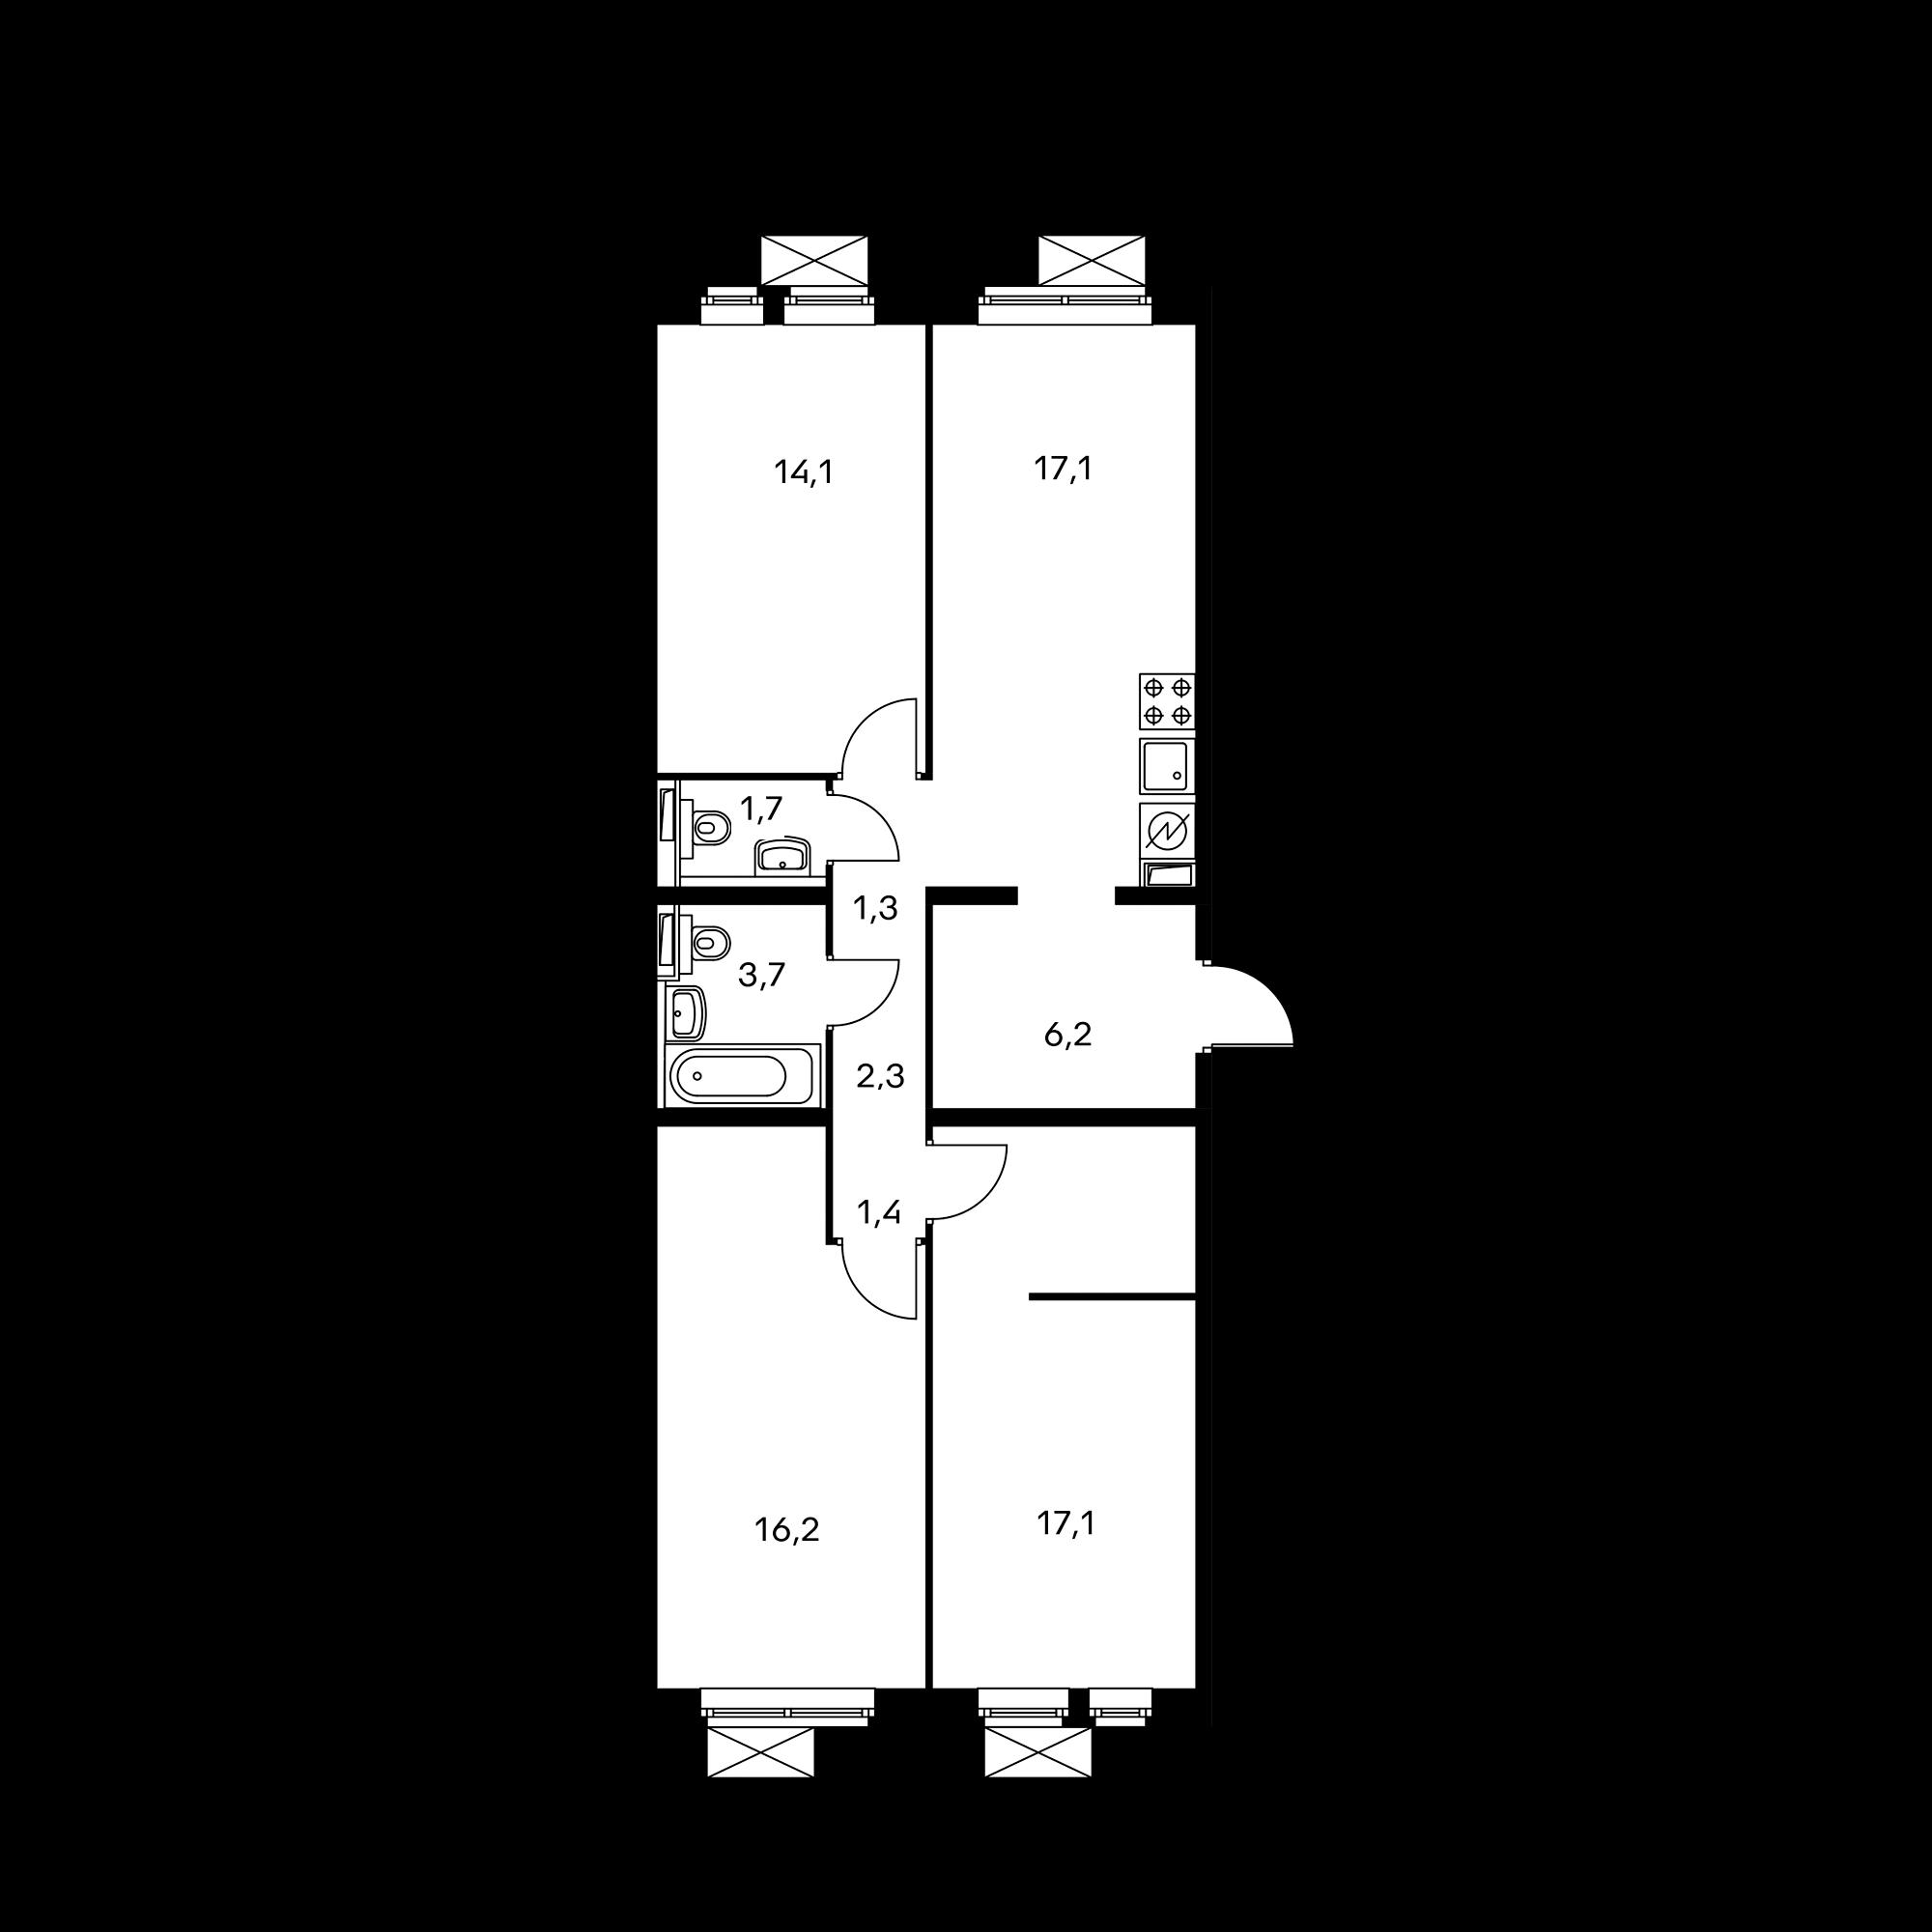 3KM16_6.0-1_T_A